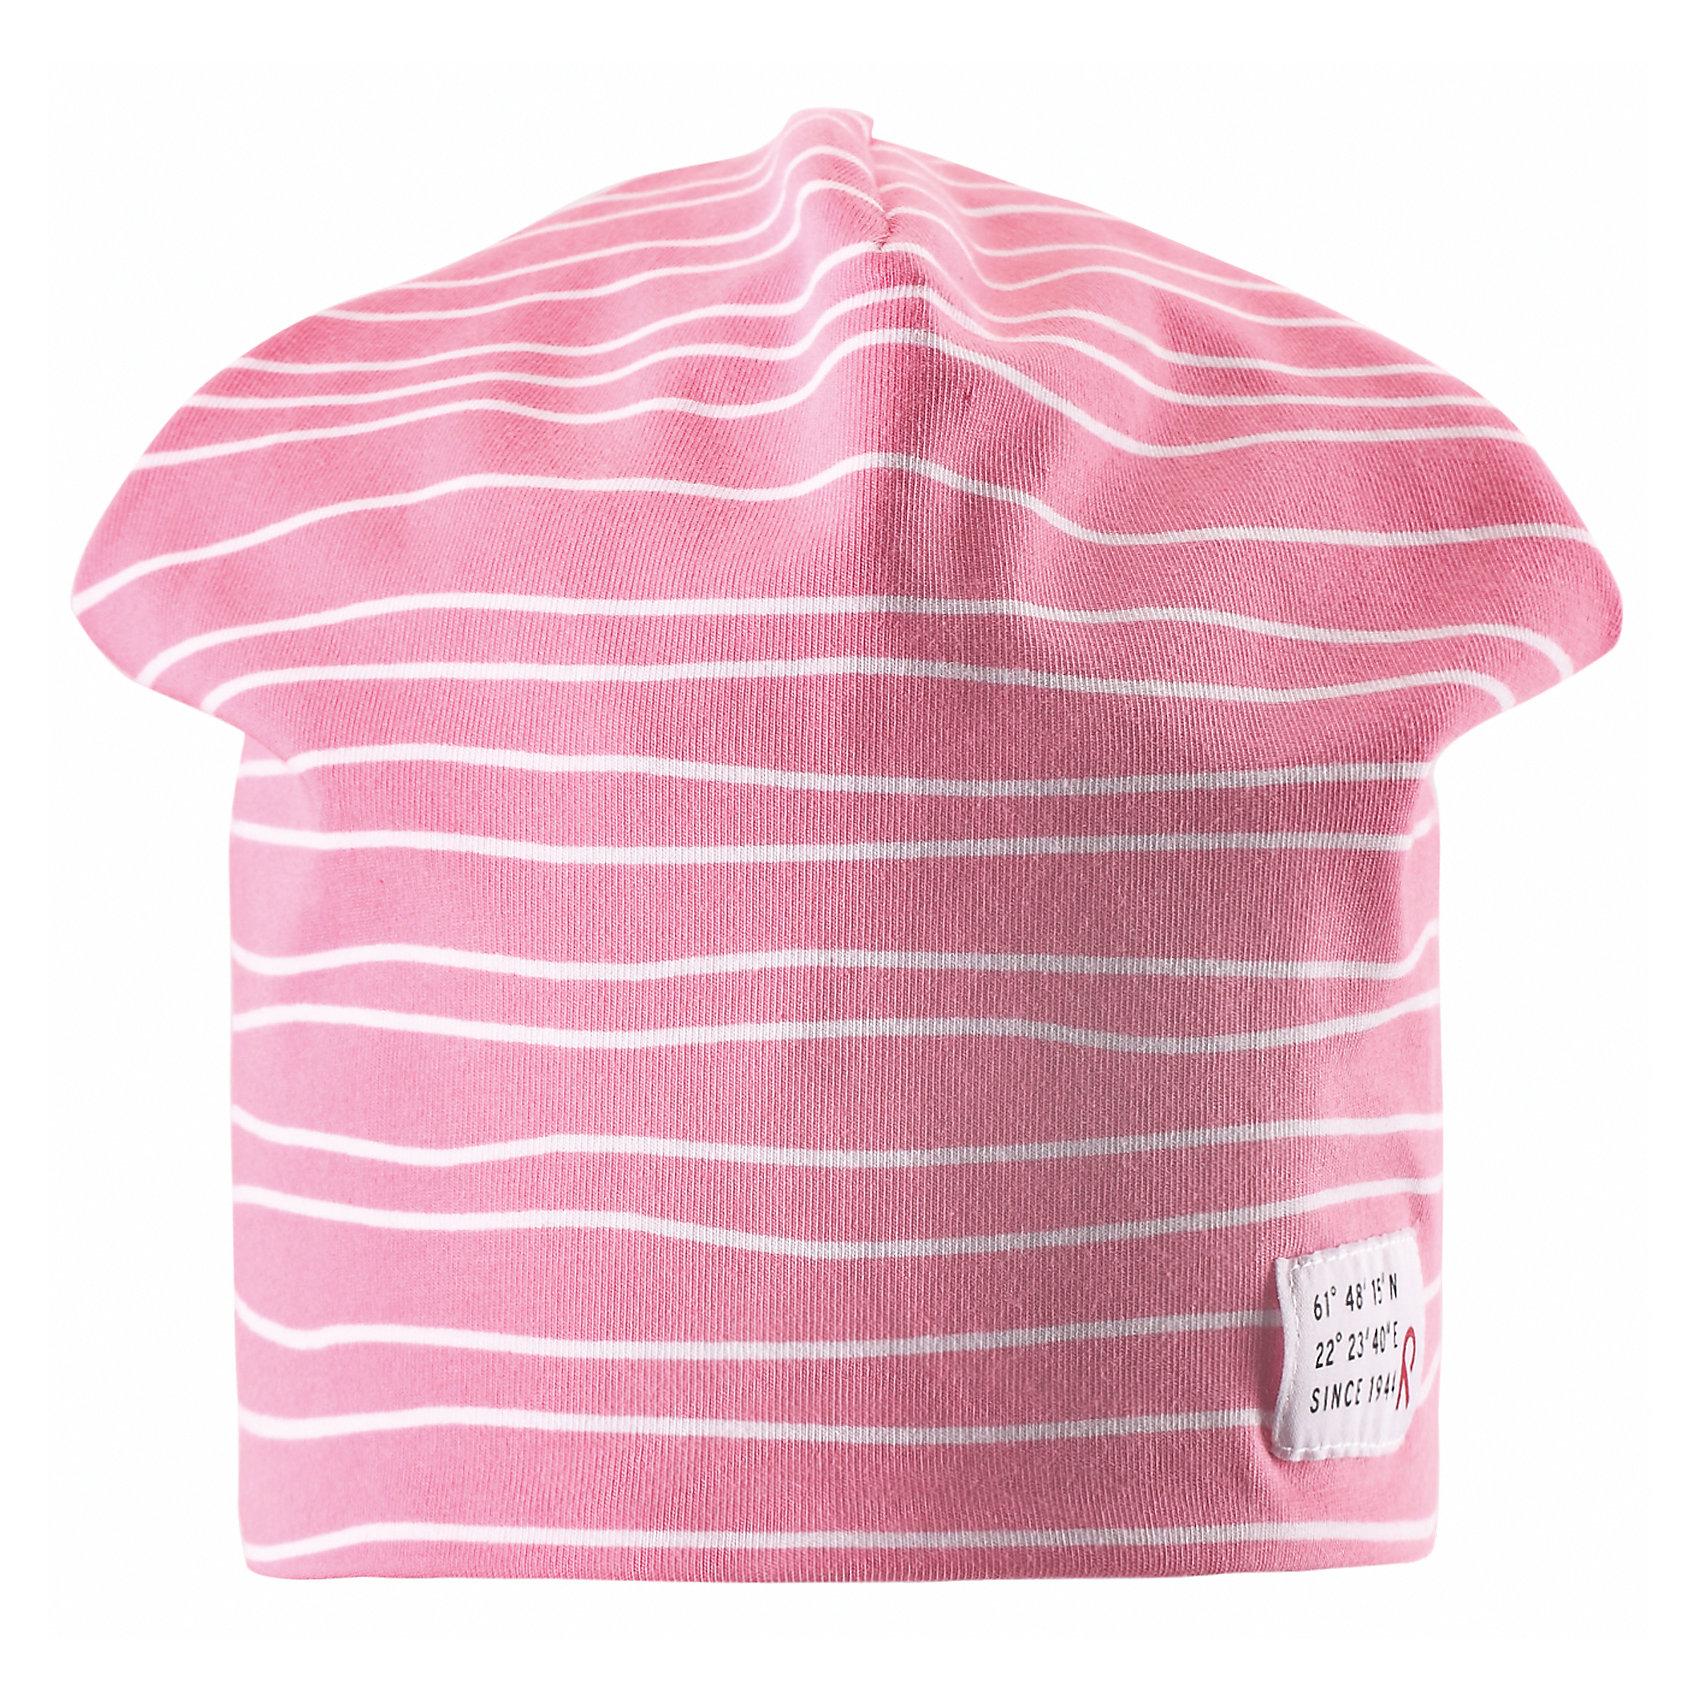 Шапка для девочки ReimaЭта эффектная шапочка свежей расцветки для малышей и детей постарше — великолепный выбор для всех маленьких покорителей природы! Шапочка изготовлена из простого в уходе и быстросохнущего материла Play Jersey®, эффективно выводящего влагу с кожи во время подвижных игр на свежем воздухе. Обратите внимание, что она имеет УФ-защиту 40+. Стиля много не бывает! Озорная двухсторонняя шапочка в одно мгновение превращается из полосатой в однотонную! <br><br>Дополнительная информация:<br><br>Двухсторонняя шапка «Бини» для детей и малышей<br>Быстросохнущий материал Play Jersey, приятный на ощупь<br>Фактор защиты от ультрафиолета 40+<br>Двухсторонняя модель<br>Сплошная подкладка: отводящий влагу материал Play Jersey<br>Логотип Reima® спереди<br>Веселые цветовые сочетания<br>Состав:<br>65% ХЛ 30% ПЭ 5% ЭЛ<br>Уход:<br>Стирать с бельем одинакового цвета, вывернув наизнанку. Полоскать без специального средства. Придать первоначальную форму вo влажном виде.<br><br>Ширина мм: 89<br>Глубина мм: 117<br>Высота мм: 44<br>Вес г: 155<br>Цвет: розовый<br>Возраст от месяцев: 84<br>Возраст до месяцев: 144<br>Пол: Женский<br>Возраст: Детский<br>Размер: 56,50,54,52<br>SKU: 4498123